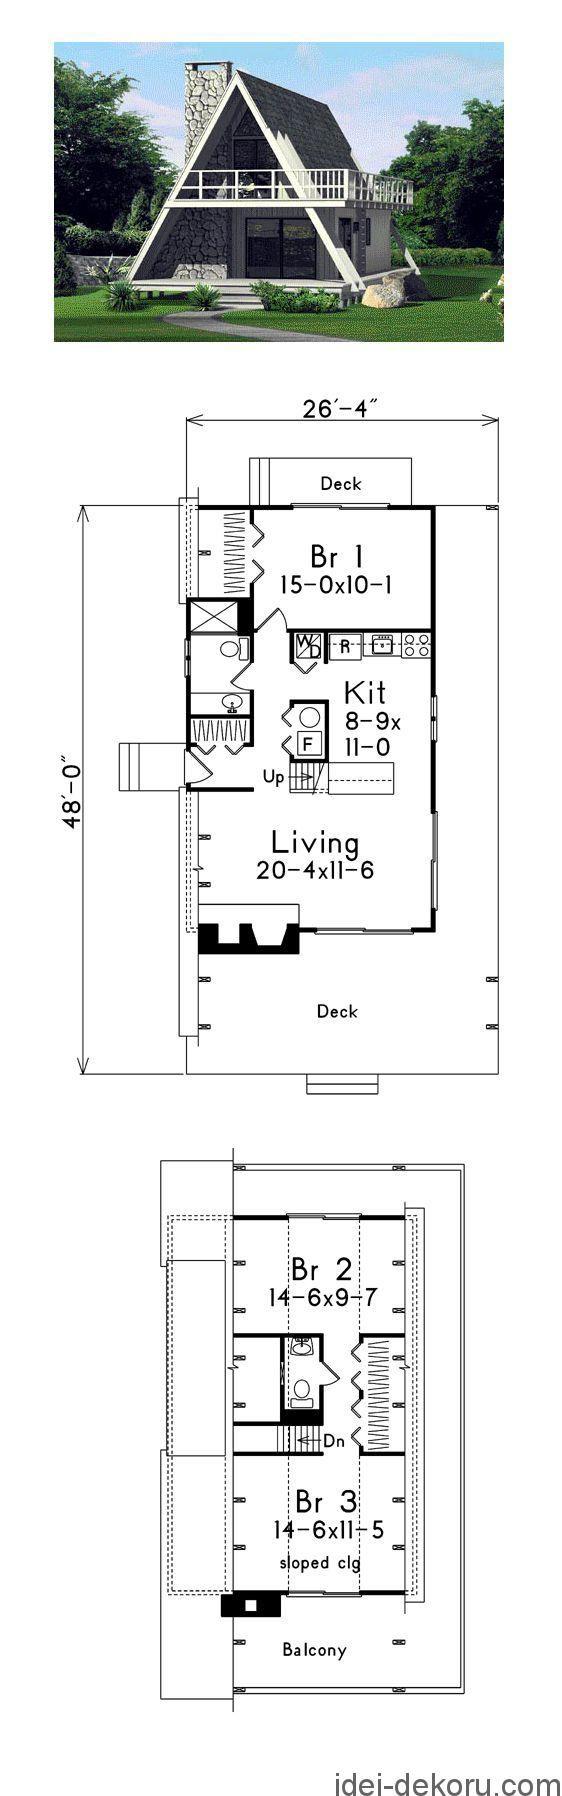 Chitajte Takozh 6 Proektiv Saun Z Terasoyu Dachni Budinochki Dlya 6 Sotok Proekti 53 Foto 45 Idej Dachnih Budin A Frame House Plans A Frame House House Floor Plans